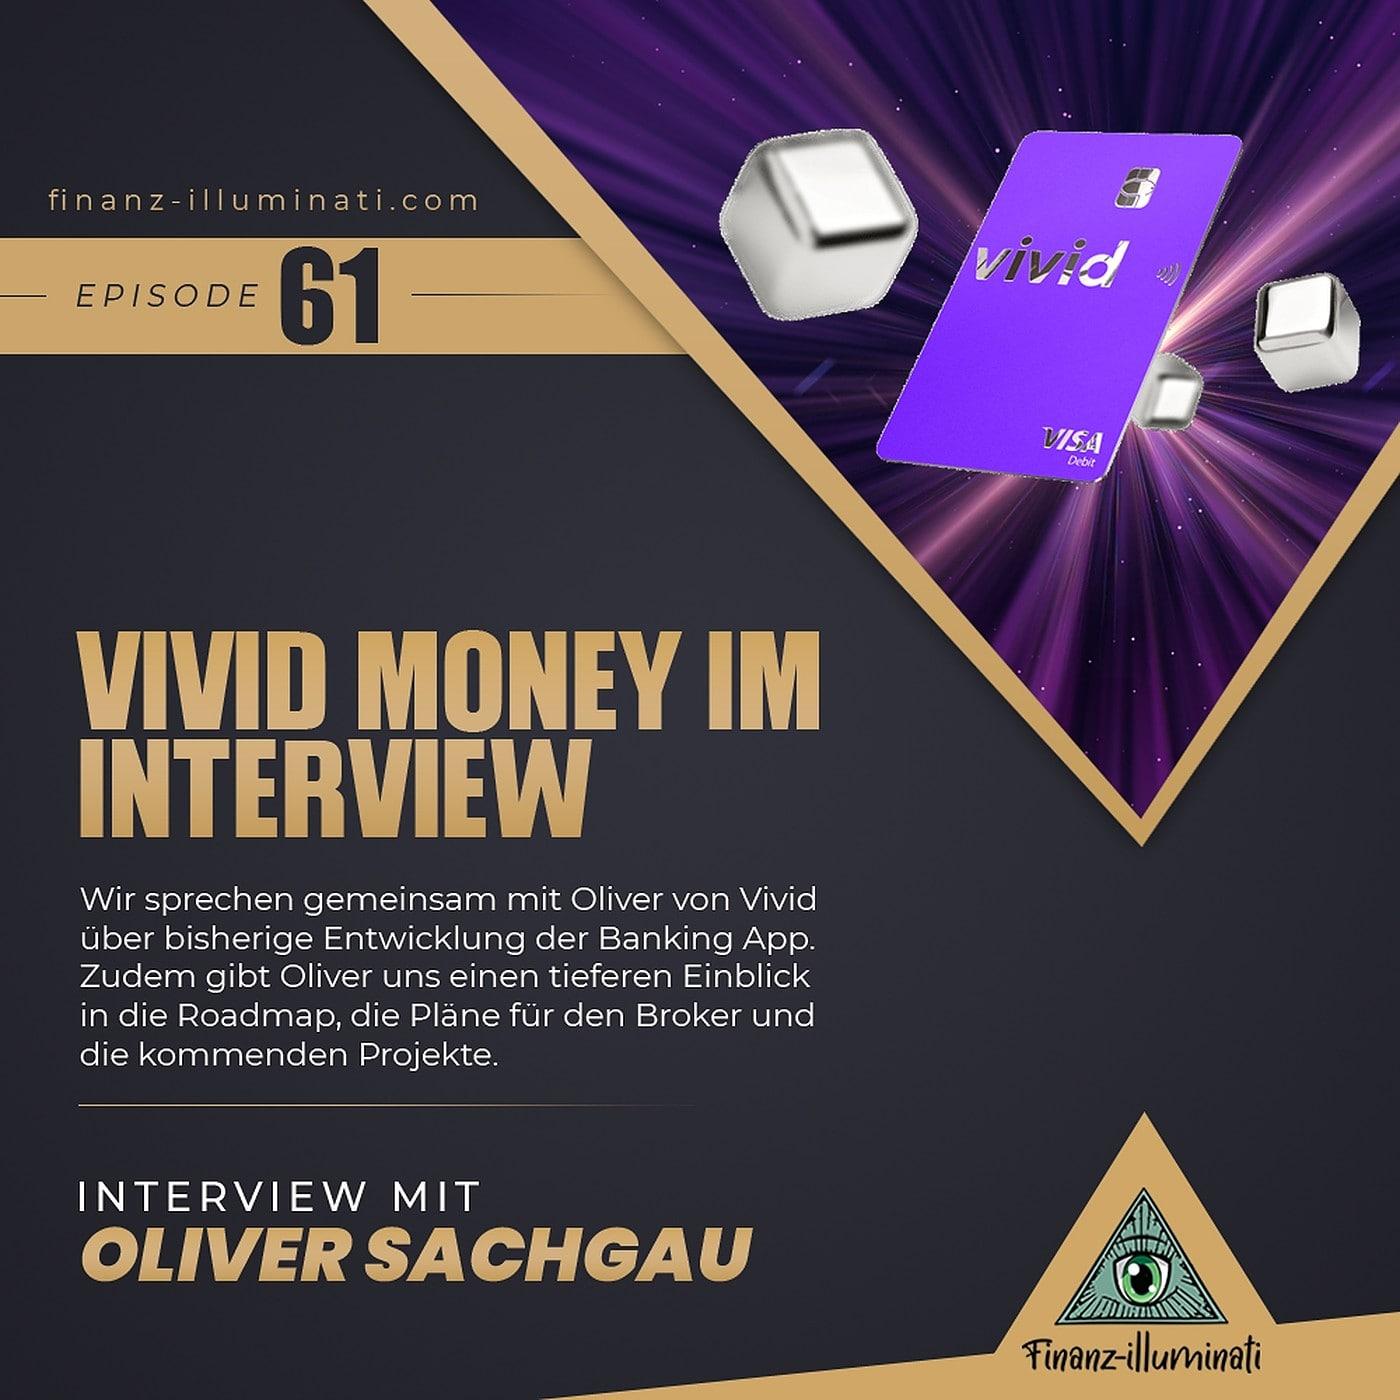 Vivid Money im Interview - Pläne für Broker, Cashback, Kreditkarten Top-up und die Zukunft?